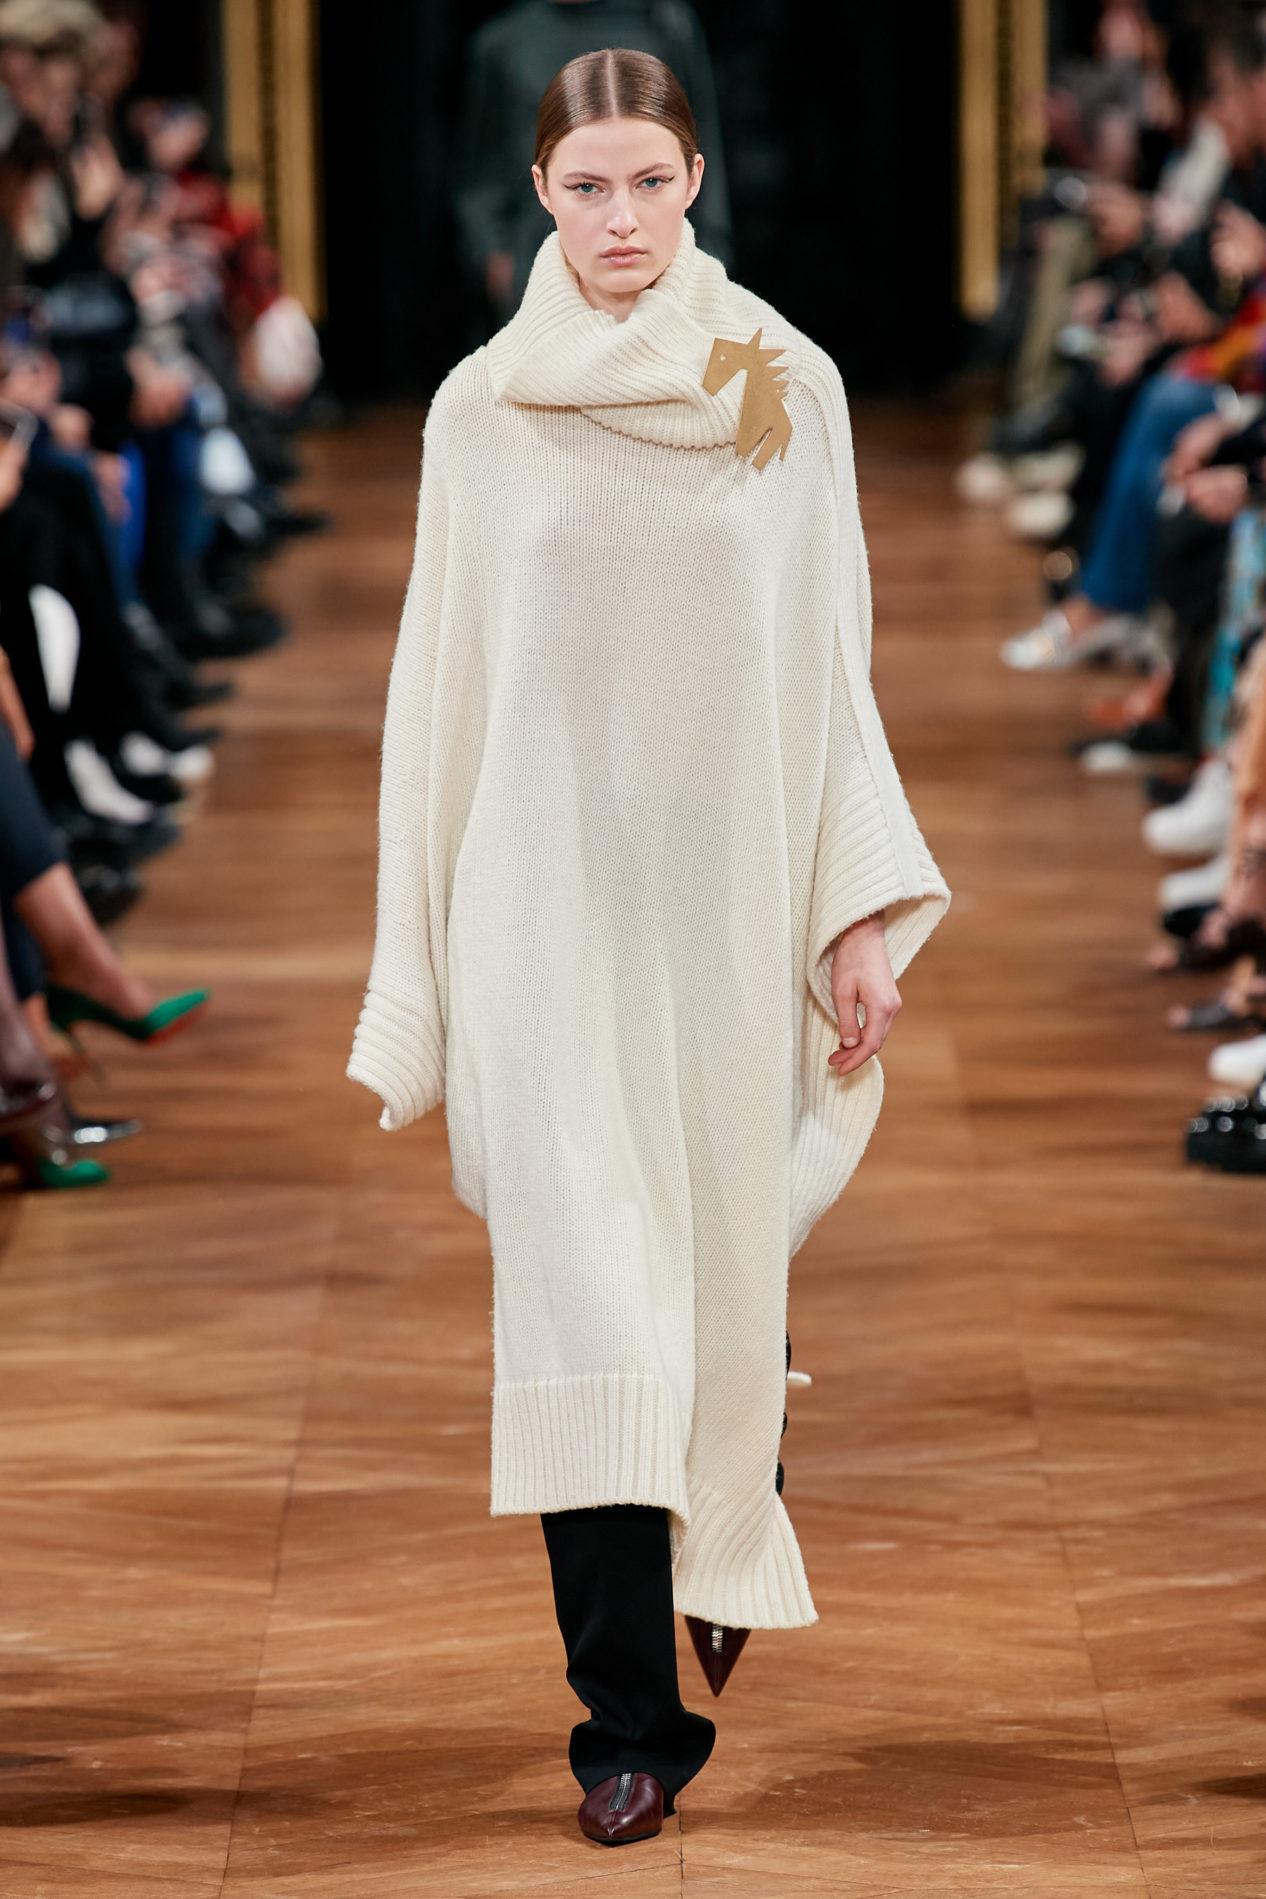 Модное длинное вязаное платье осень-зима 2020-2021 из коллекции Stella McCartney